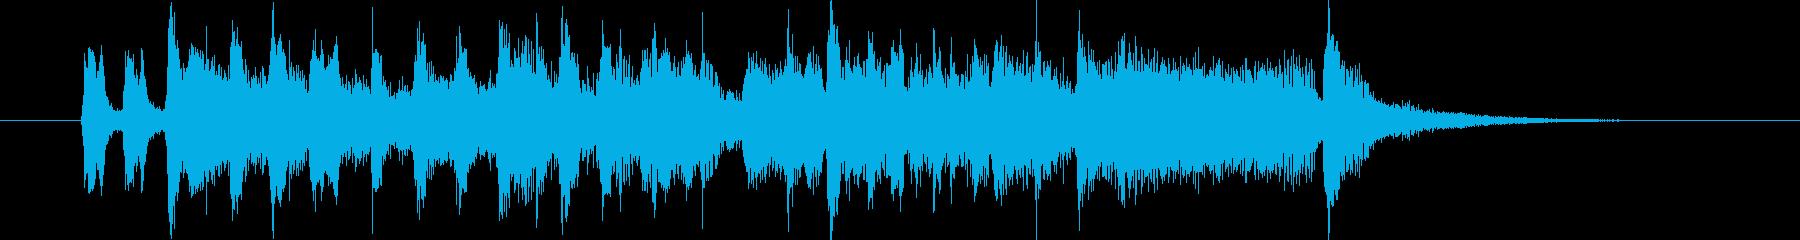 メルヘンチックで明るい軽快なポップスの再生済みの波形